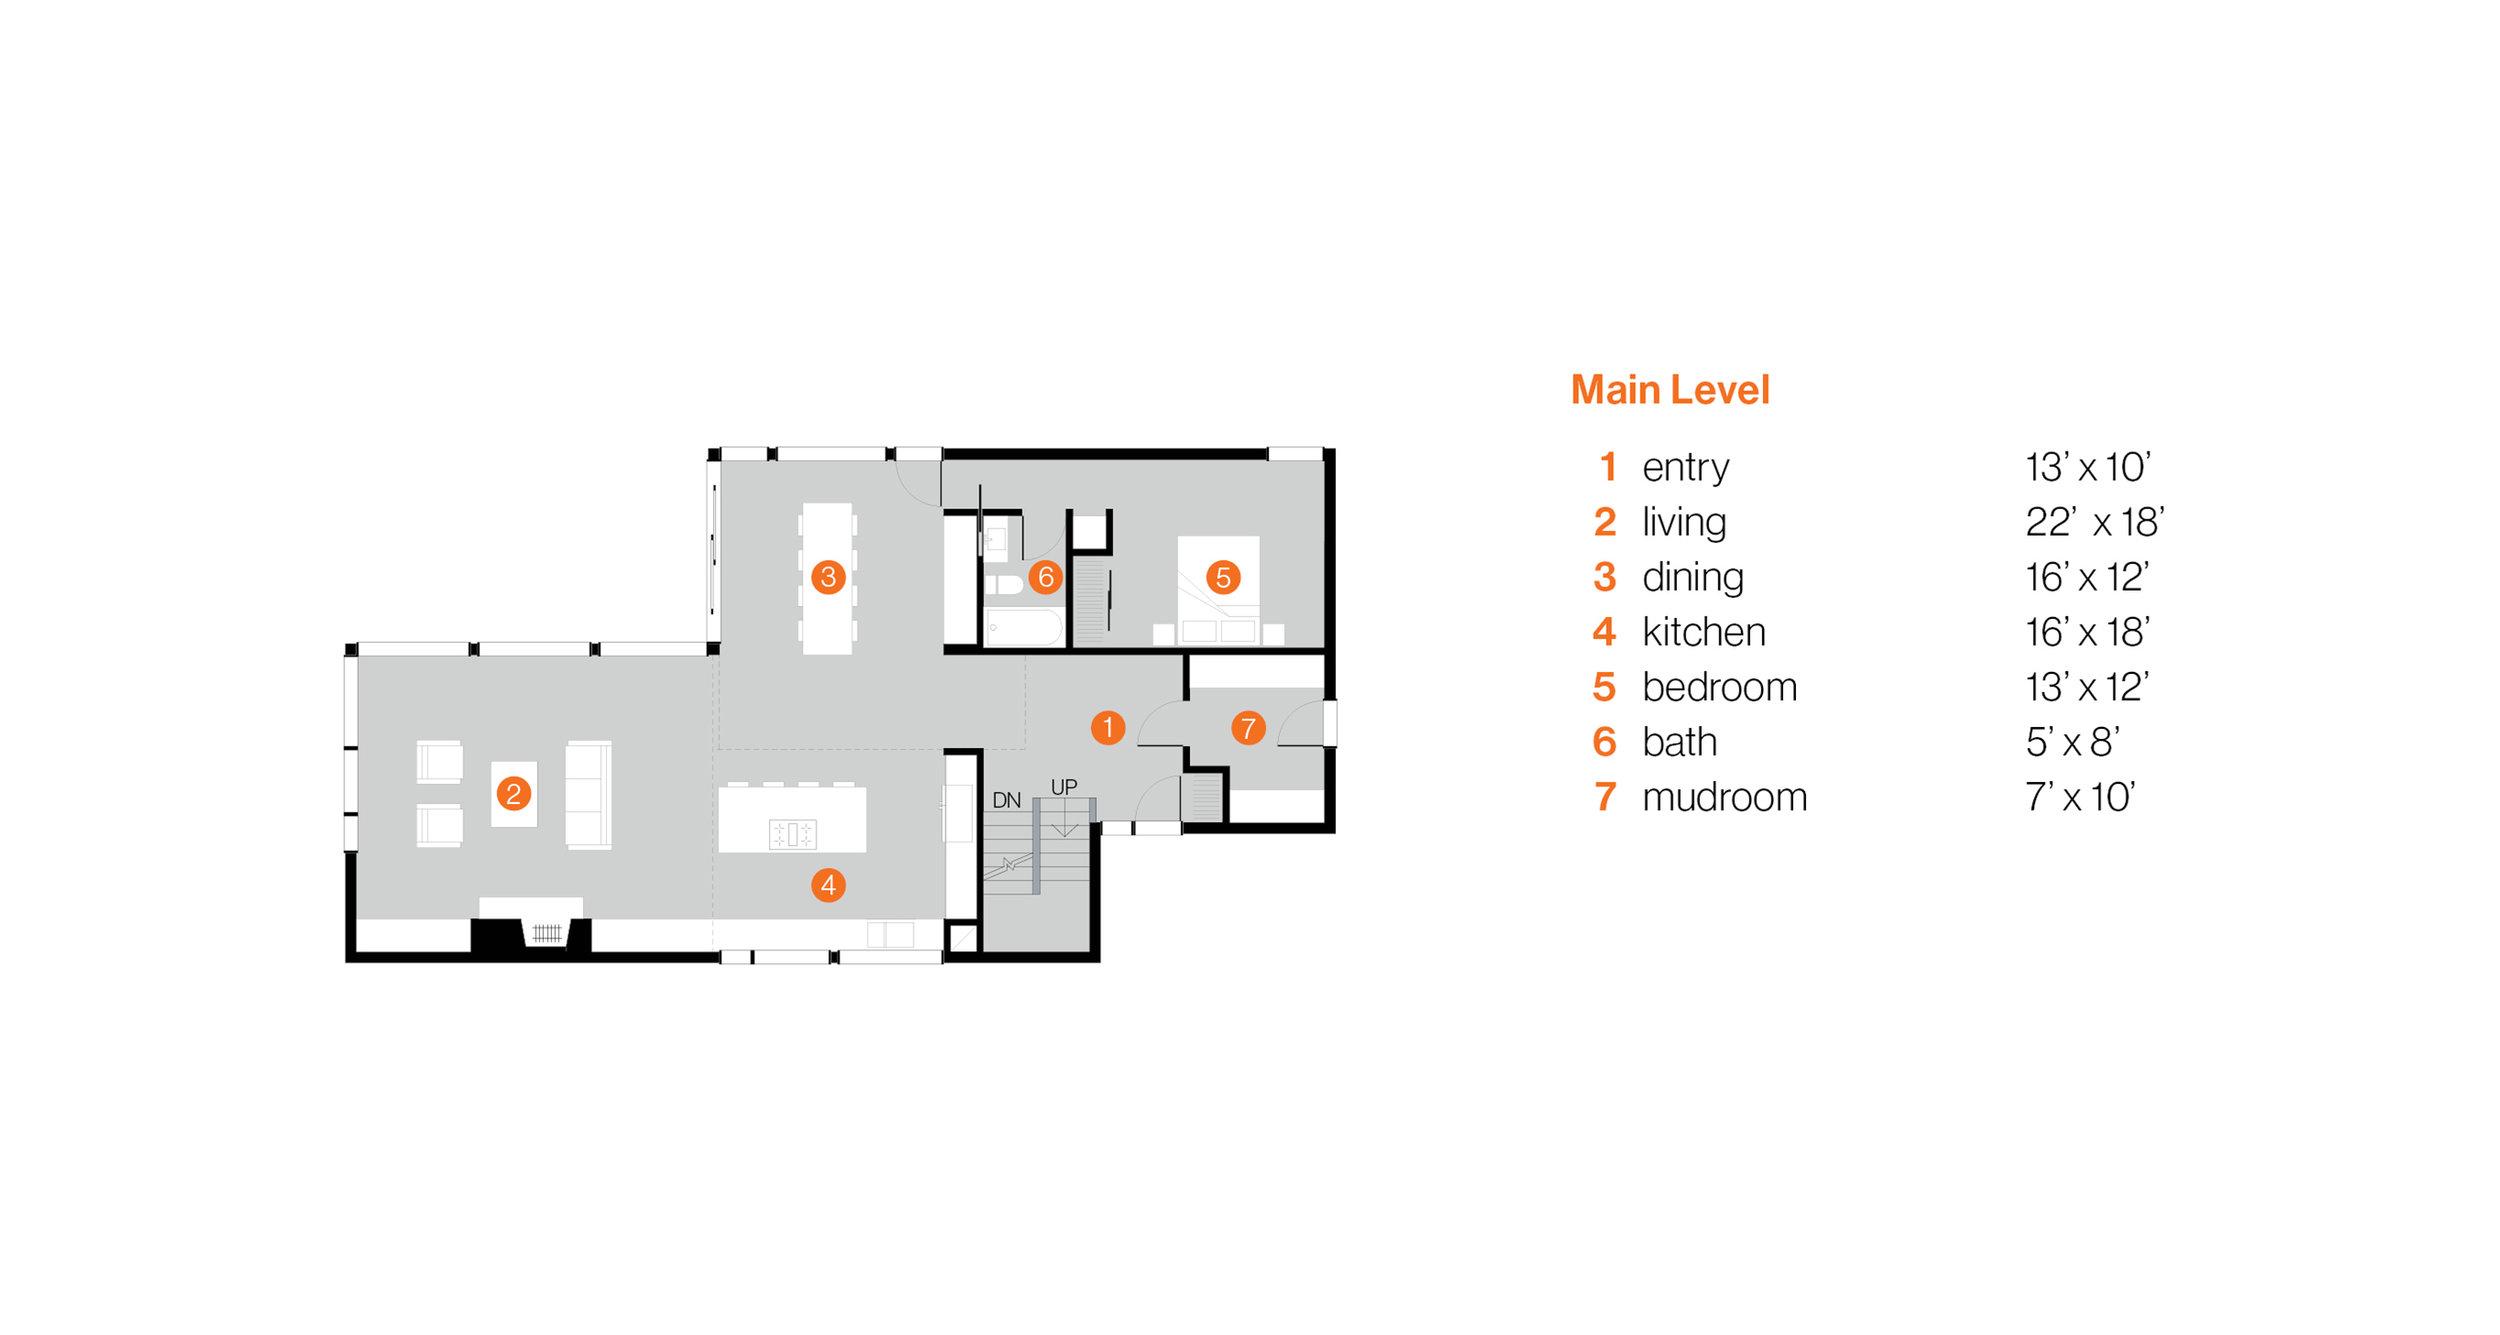 turkel_design_modern_prefab_home_axiom_series_axiom2350_plan_main..jpg